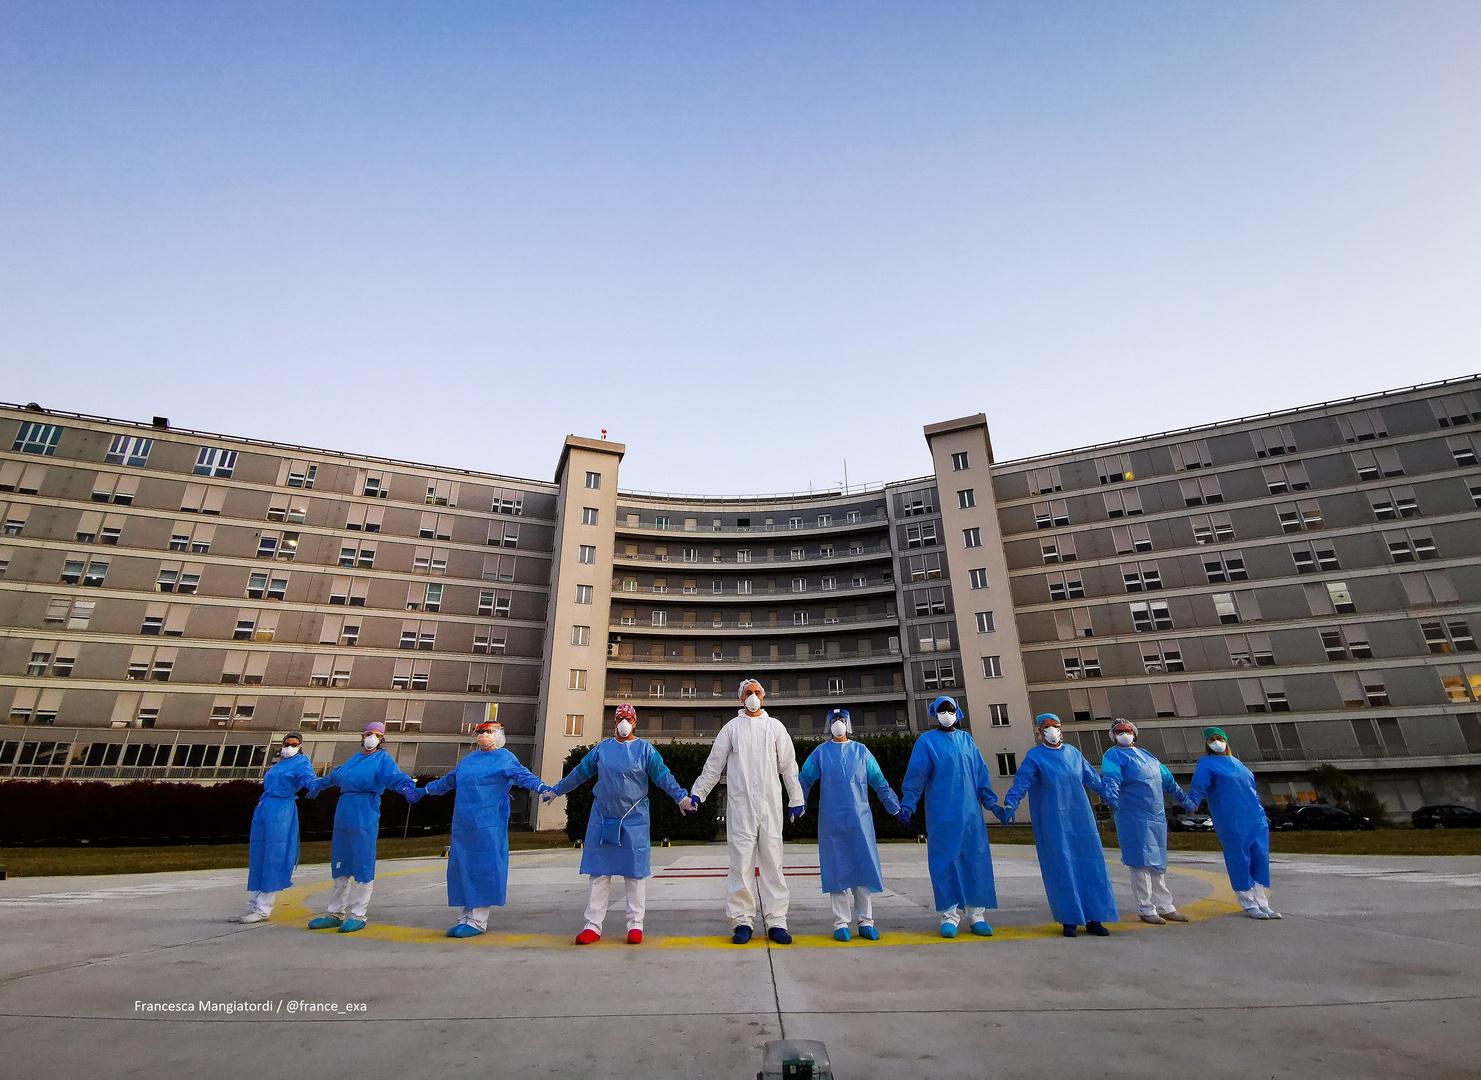 أطباء إيطاليون في مستشفى بمدينة كريمونا